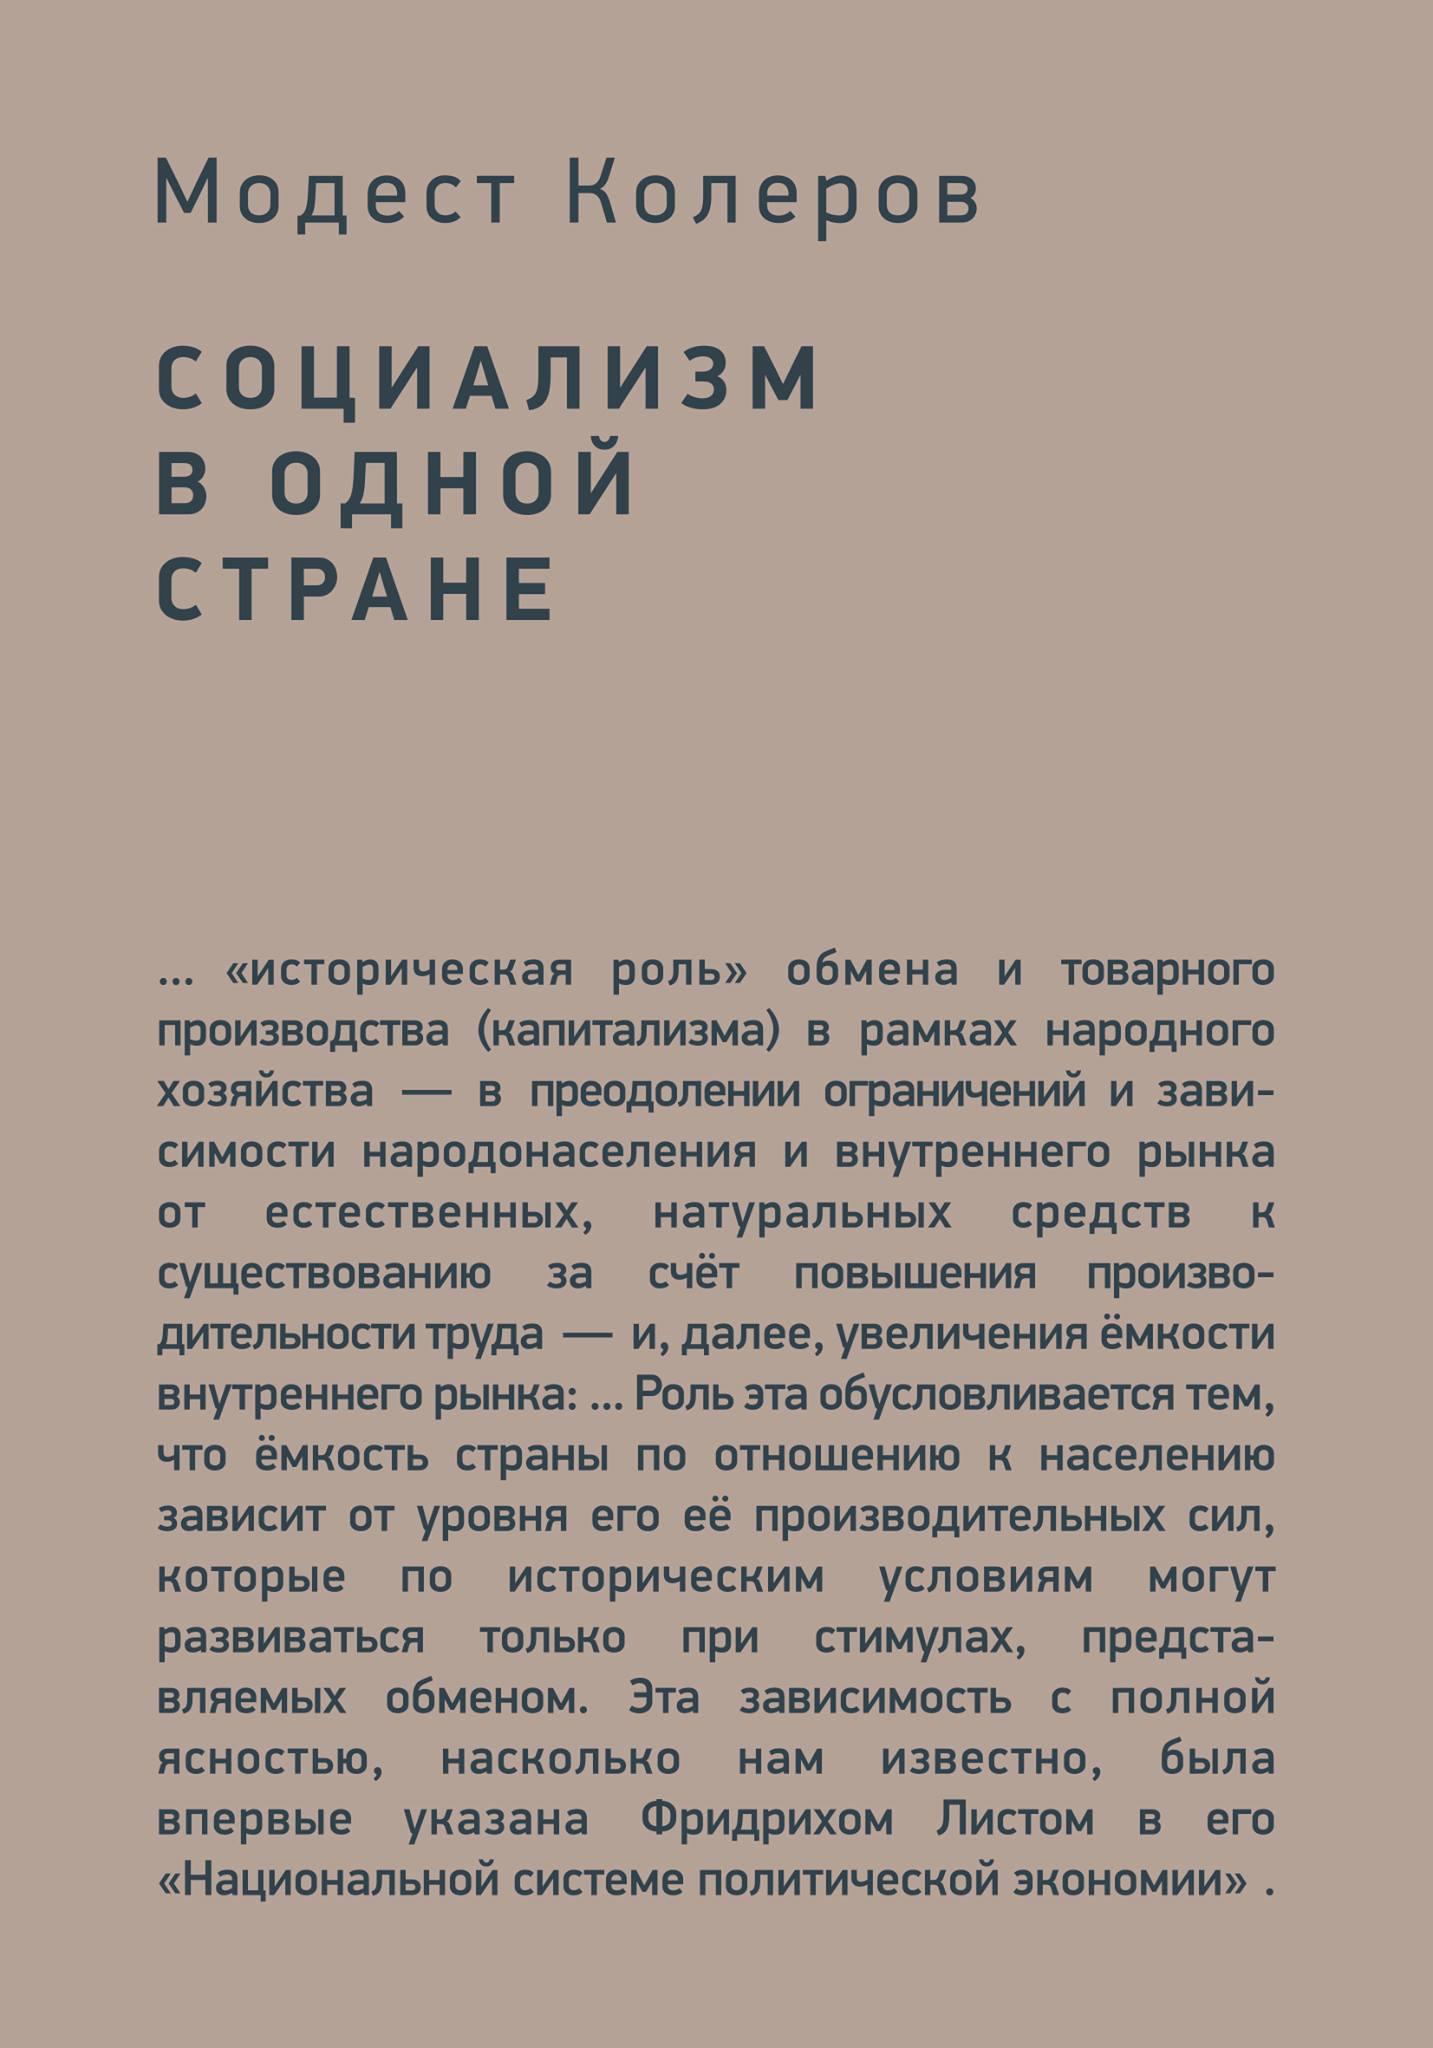 Колеров М. Социализм в одной стране. М.: Издание книжного магазина «Циолковский»